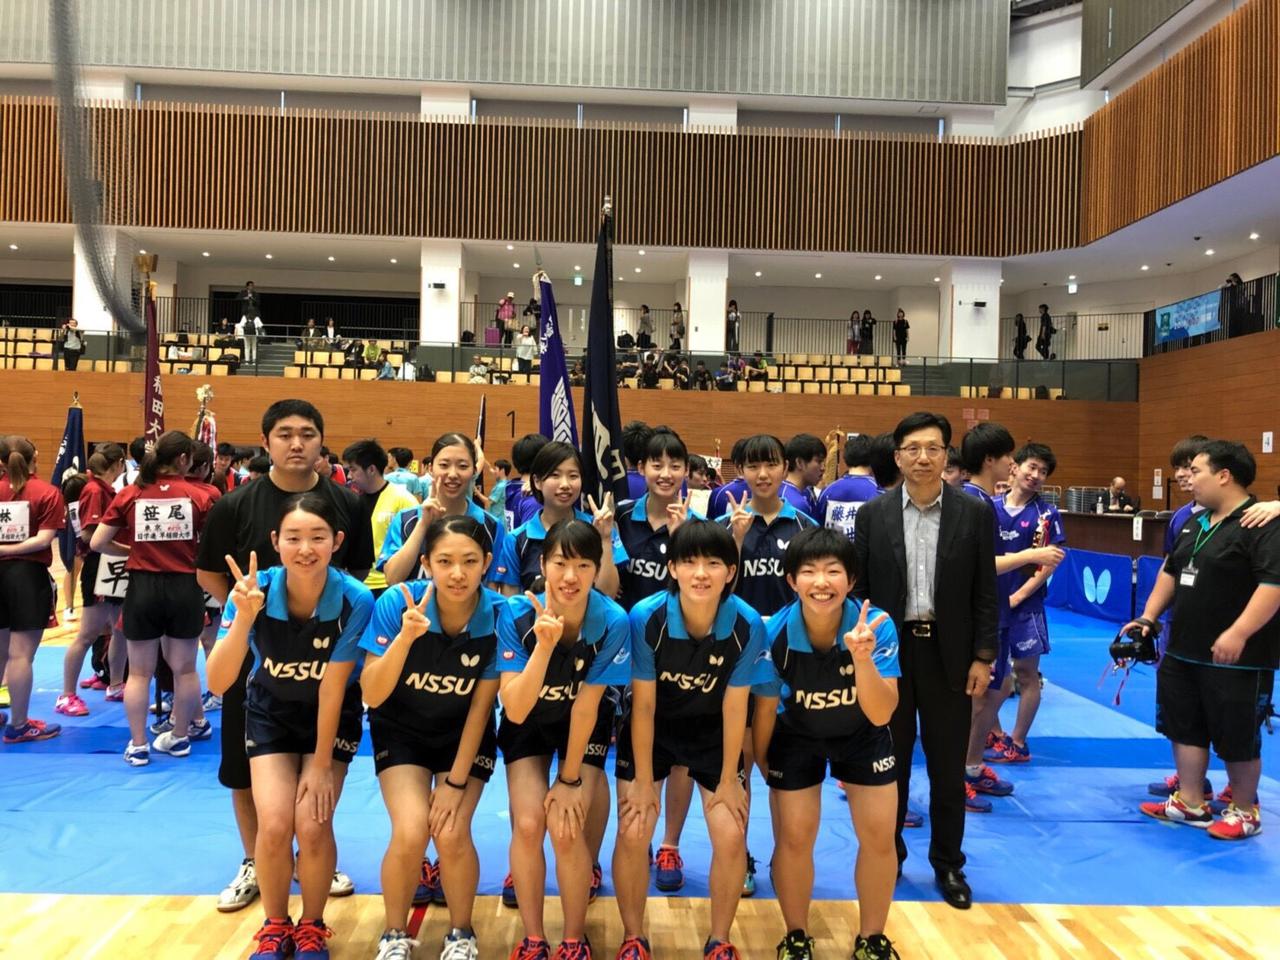 秋季関東学生卓球リーグ戦 後半戦